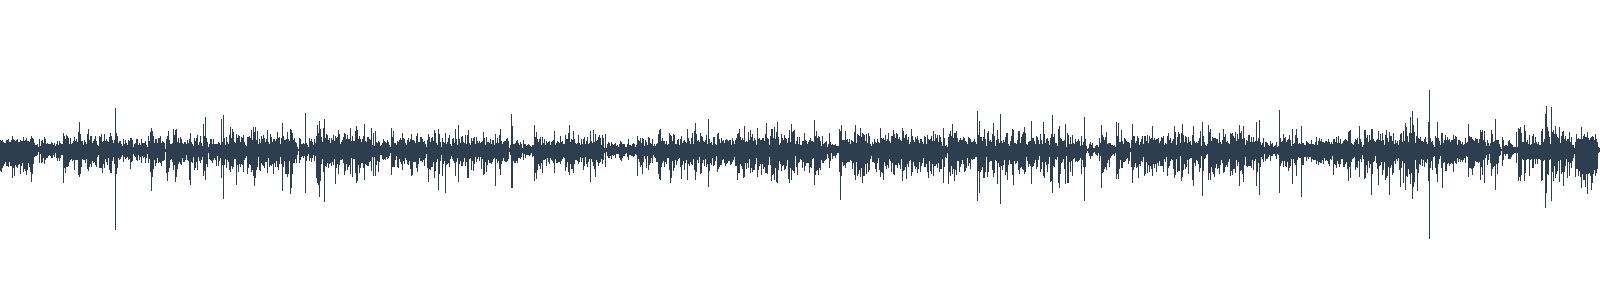 001. Peter Broz a Pakistán waveform